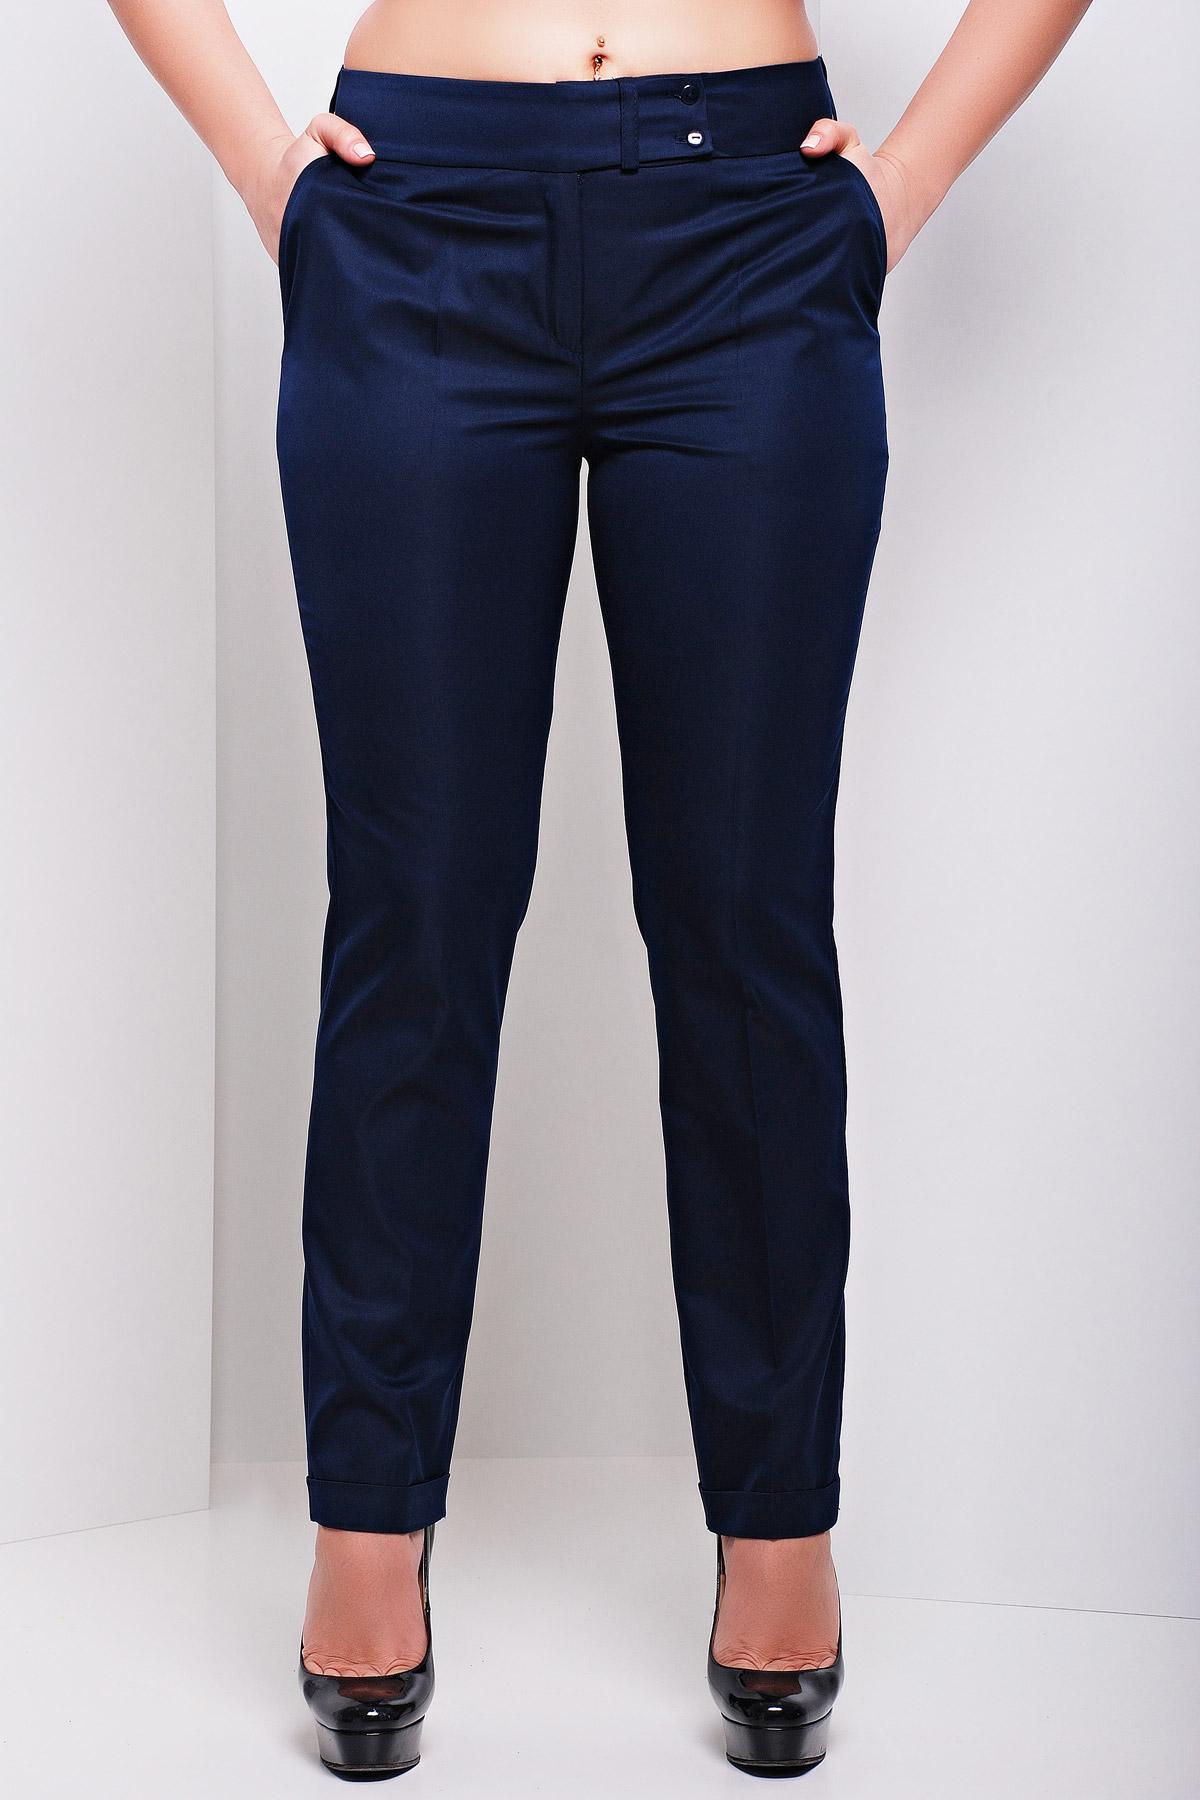 женские светлые брюки больших размеров. брюки Хилори-Б. Цвет: темно синий